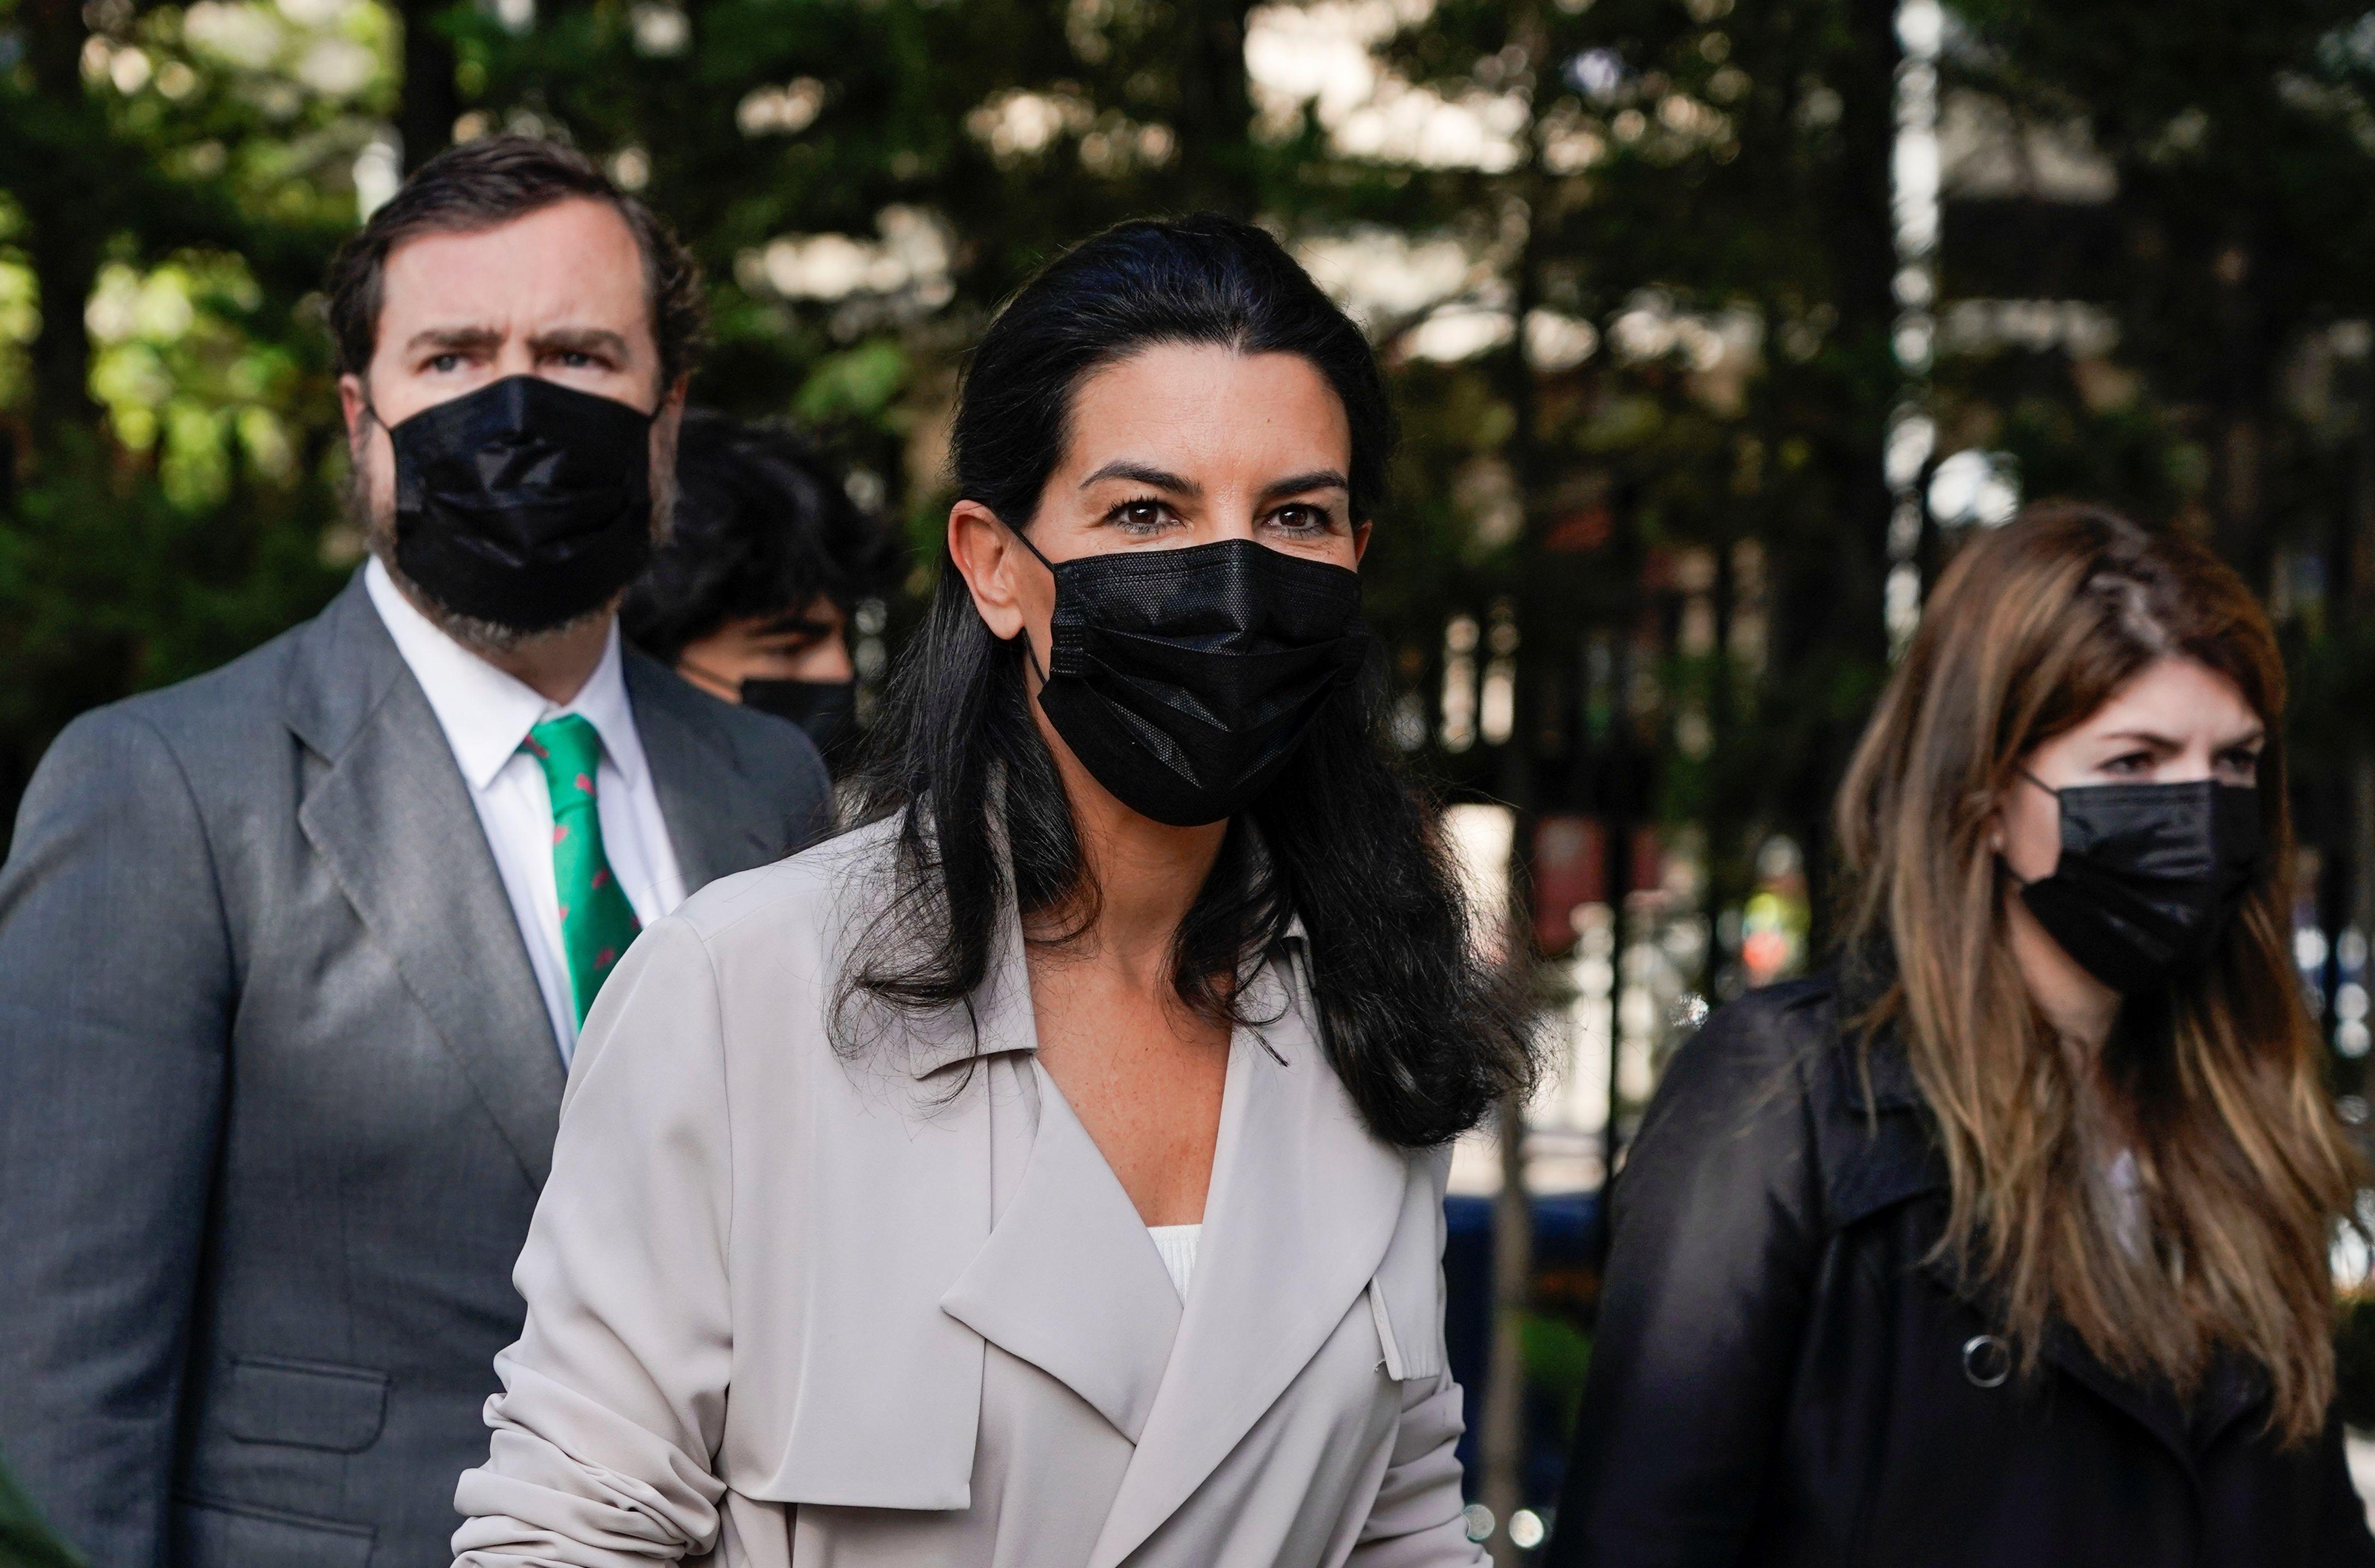 La candidata de Vox Rocío Monasterio al llegar al centro de votación (REUTERS/Juan Medina)